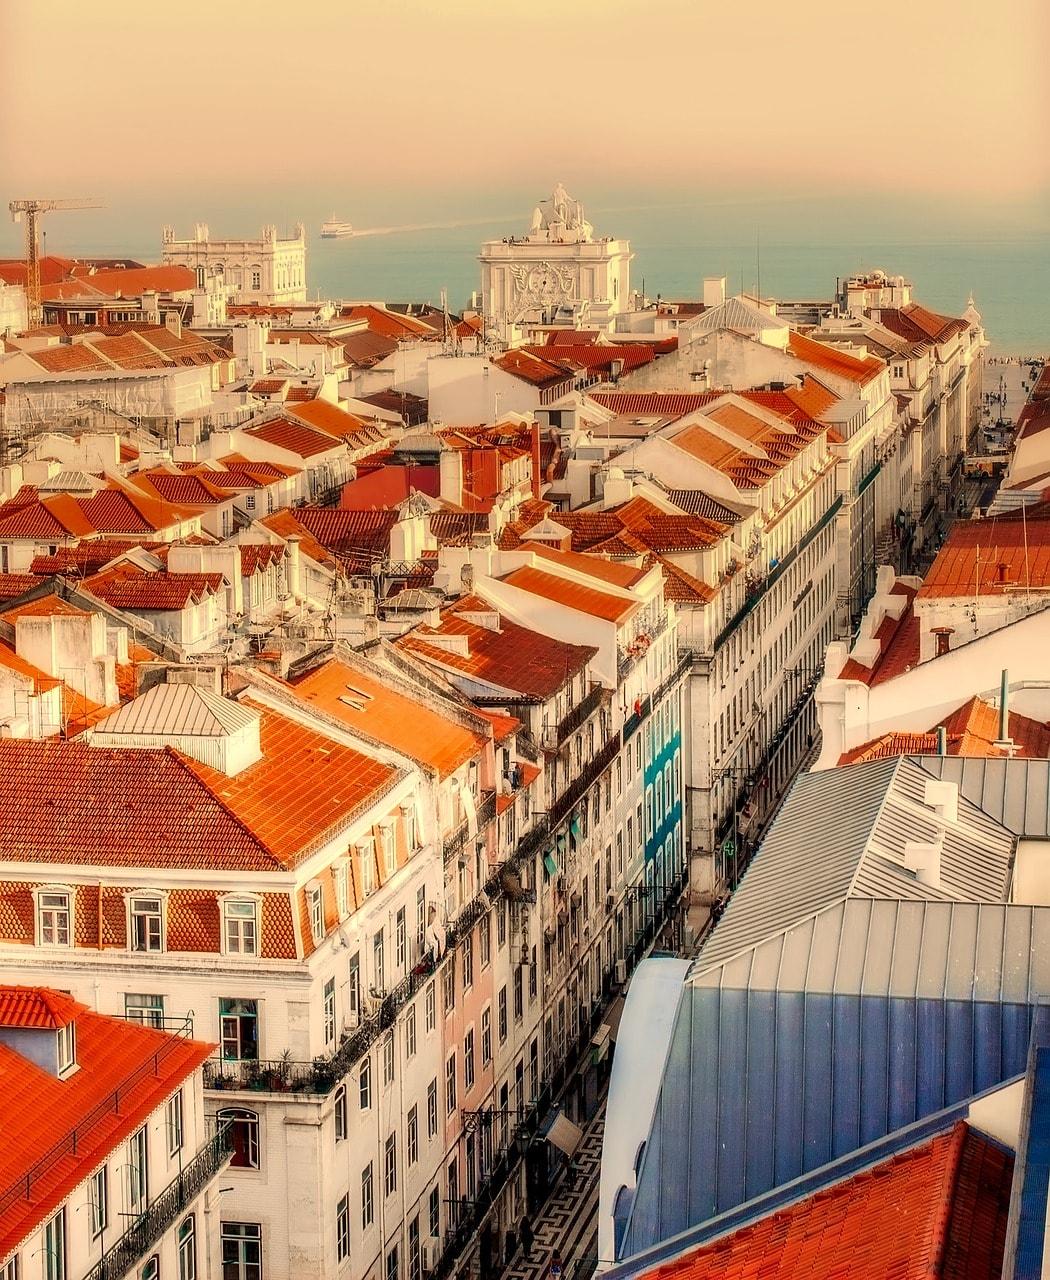 https://pixabay.com/es/lisboa-portugal-ciudad-urbana-2470931/